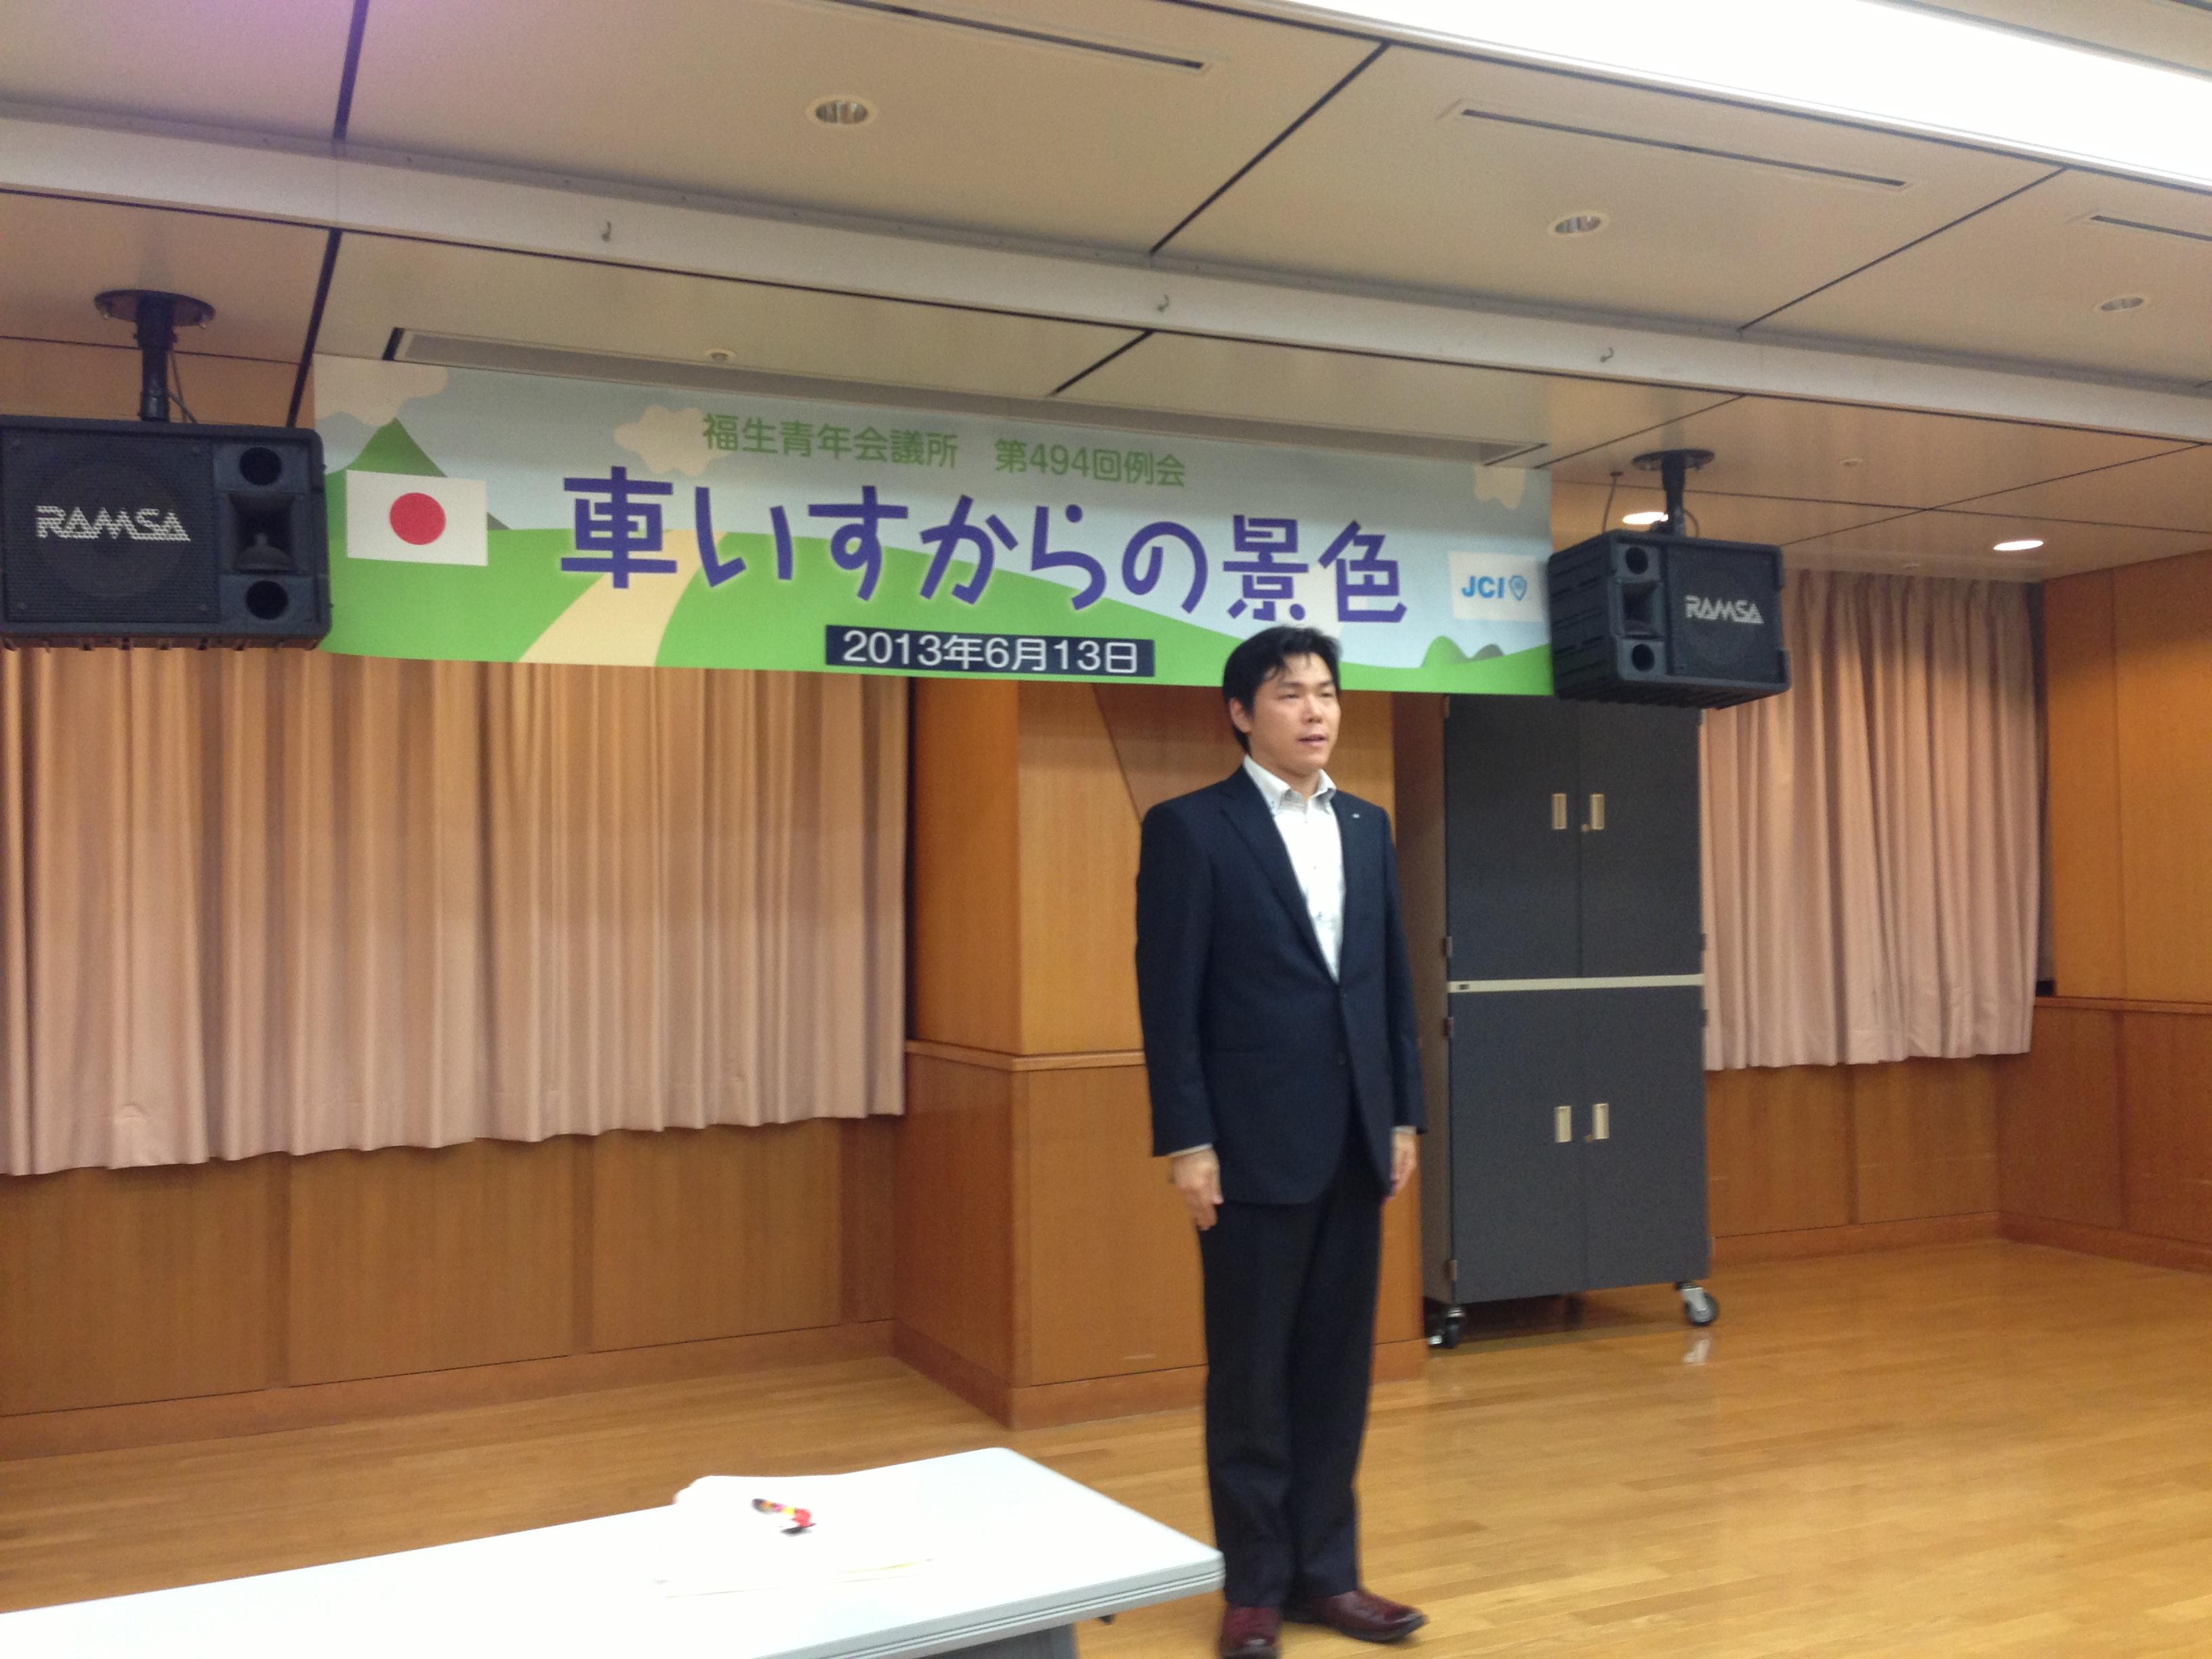 http://fussajc.com/president_2013/images/IMG_2010.JPG